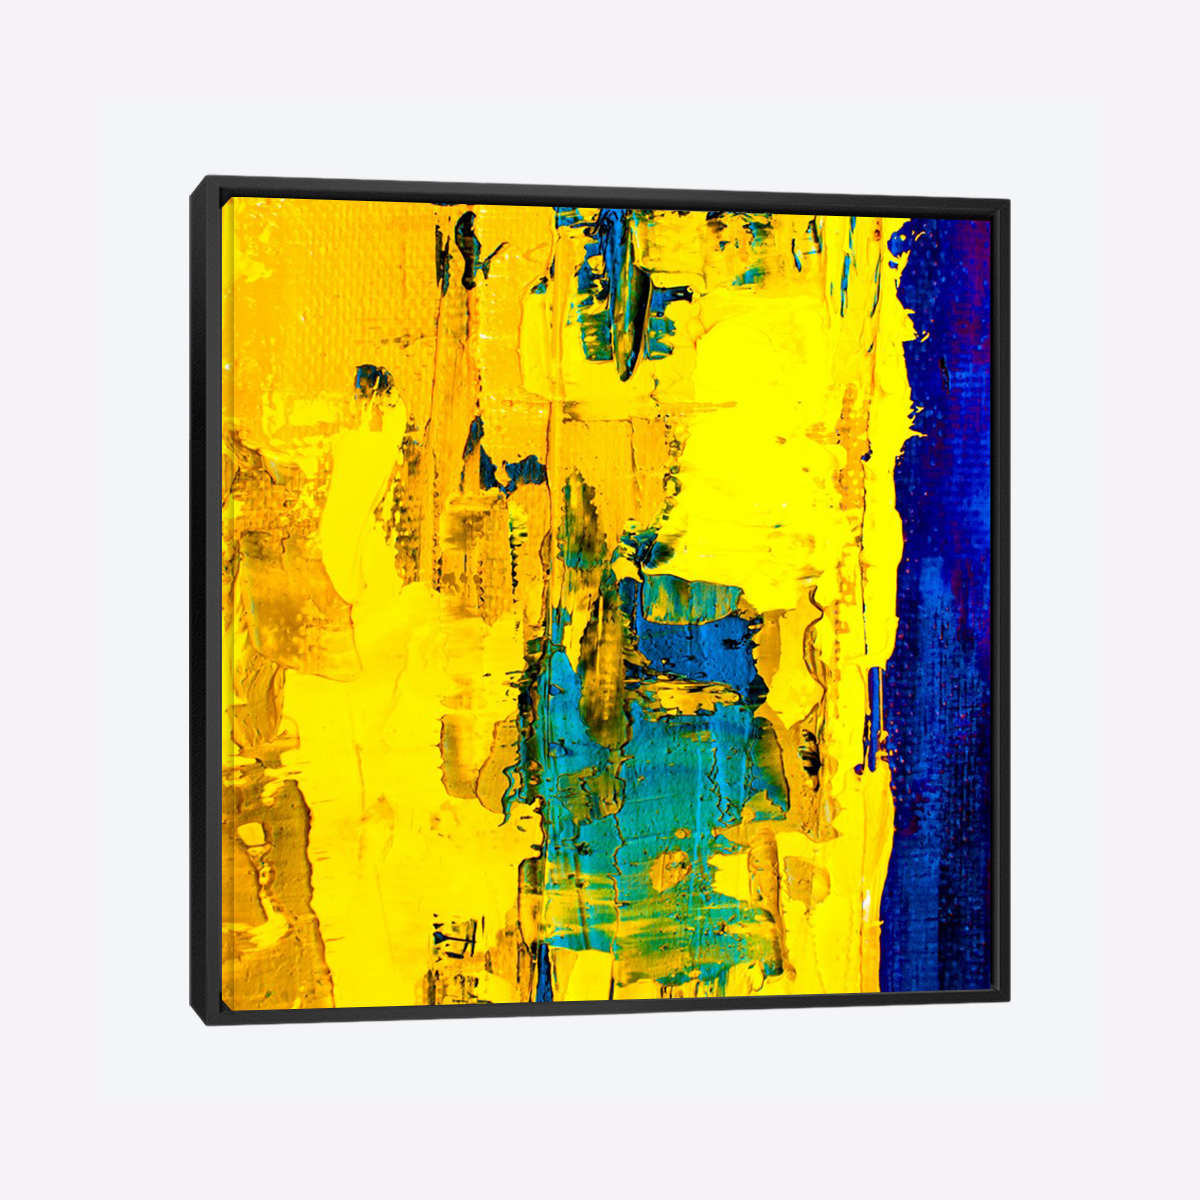 لوحات جدارية - أصفر تجريدي - لوحات جدارية - كانفسي - لوحة فنية جدارية تجريدية بألوان و تصاميم جذابة تعطي طاقة حيوية وتفاؤل و تتناسب مع جميع أثاثكم شاهد المزيد في متجر كانفسي